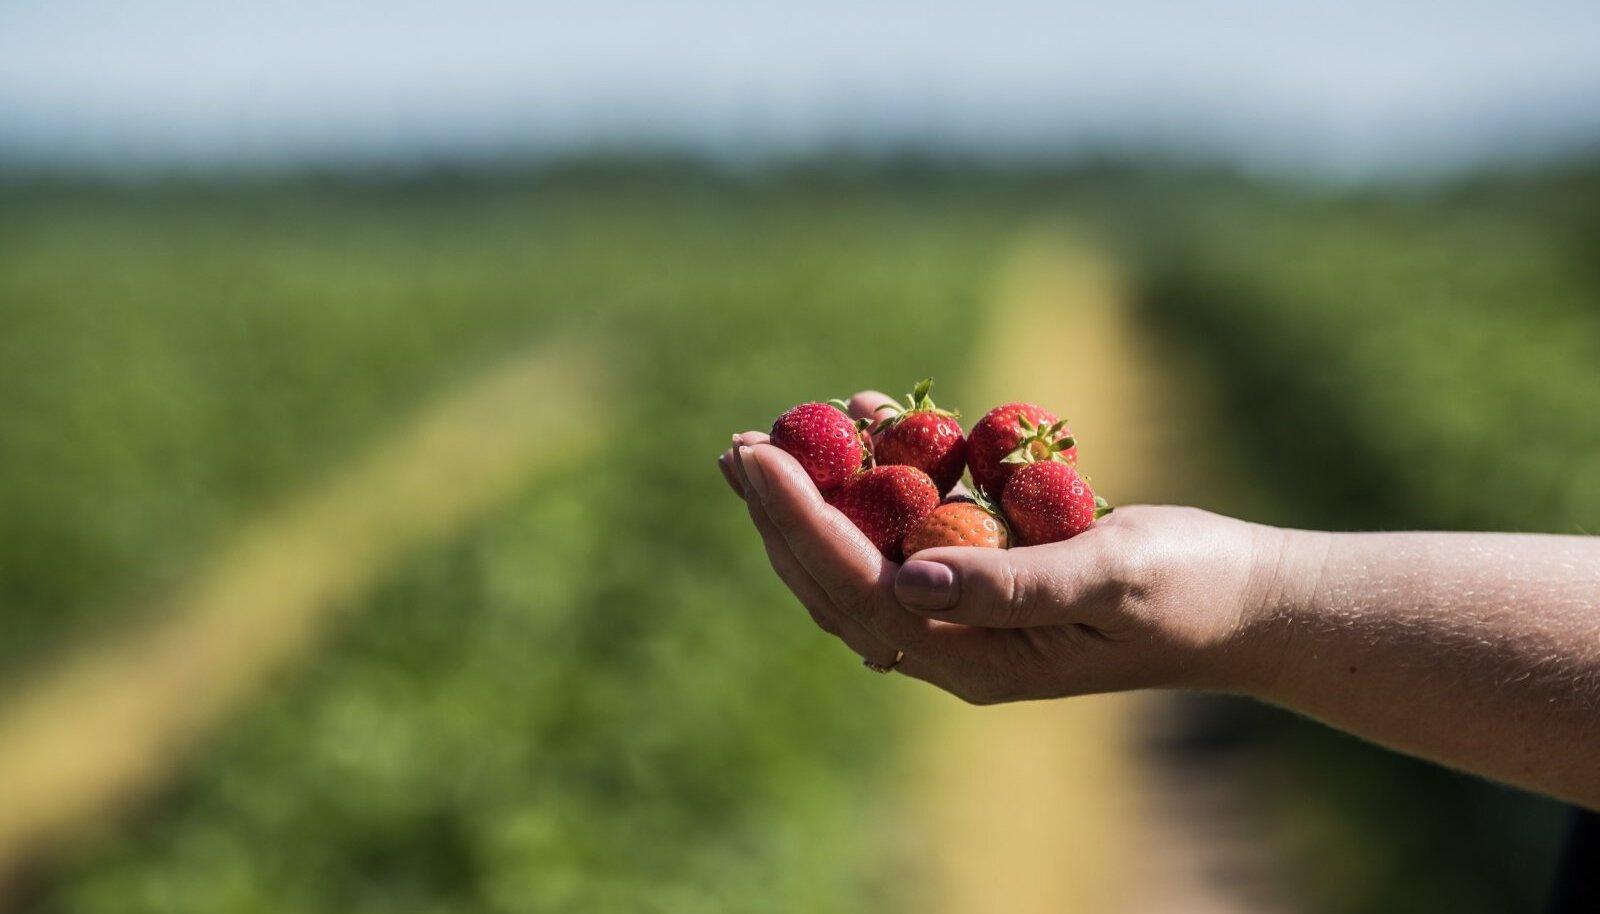 Maasikad saavad peagi valmis, aga kes need ära korjab?